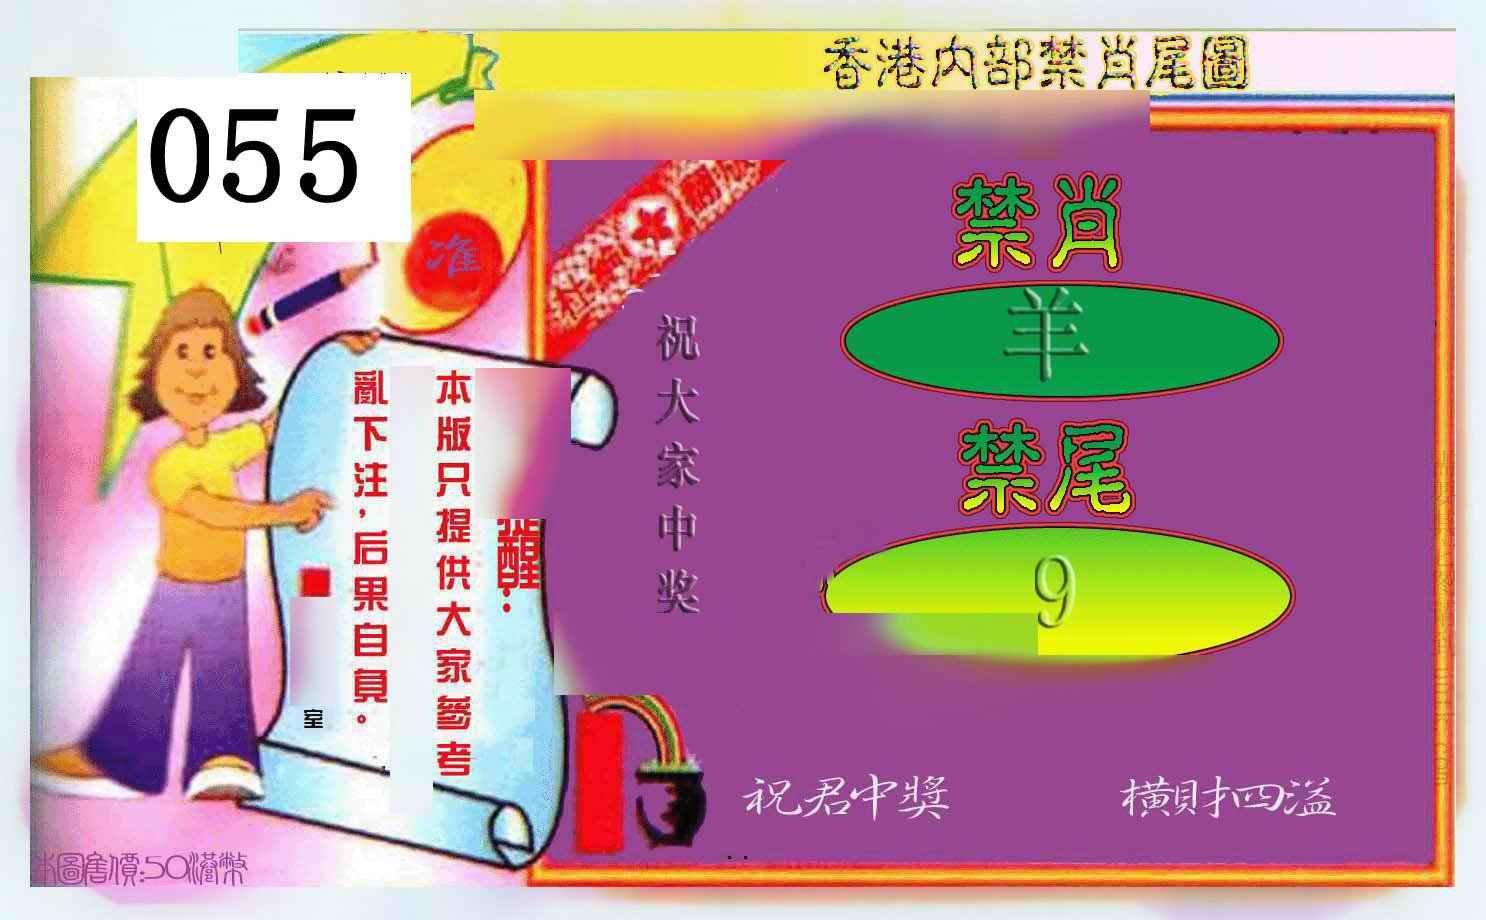 055期禁肖-禁尾图